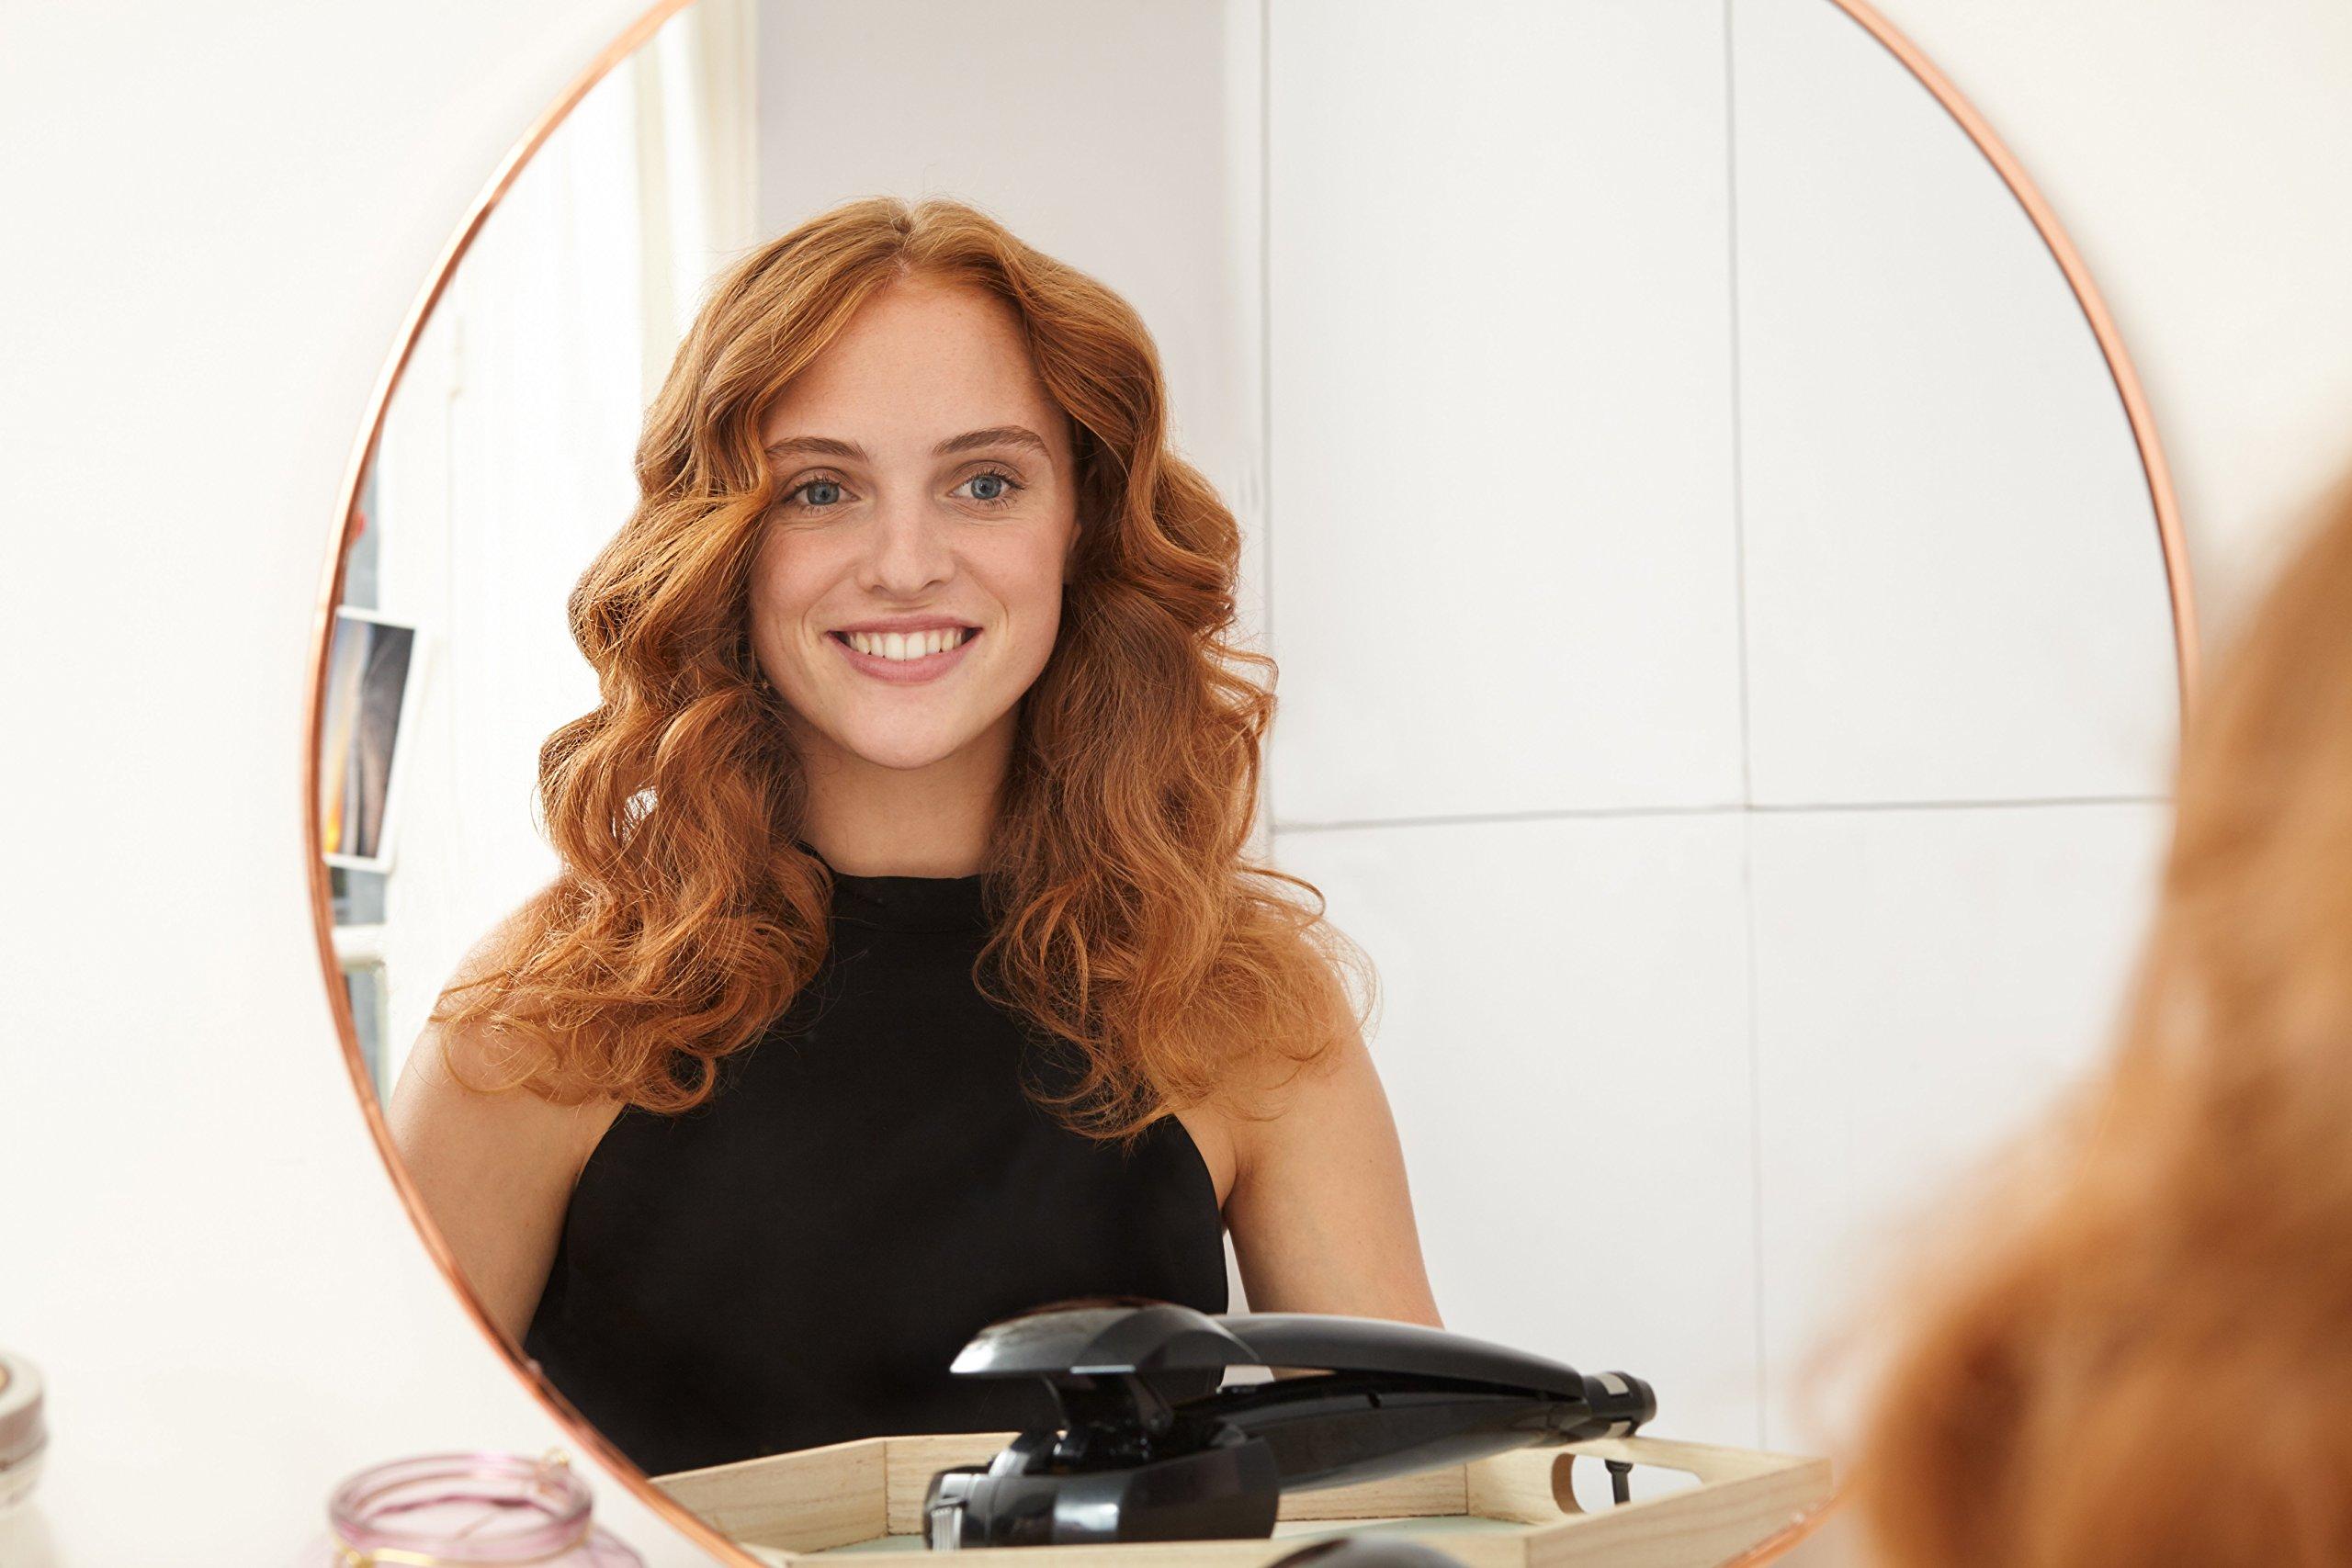 El BaByliss Curl Secret tiene el privilegio de ser el primer rizador de  pelo automático. Salío al mercado en 2013 y desde entonces ha sido un  rotundo éxito. a7b7e2b70bf9